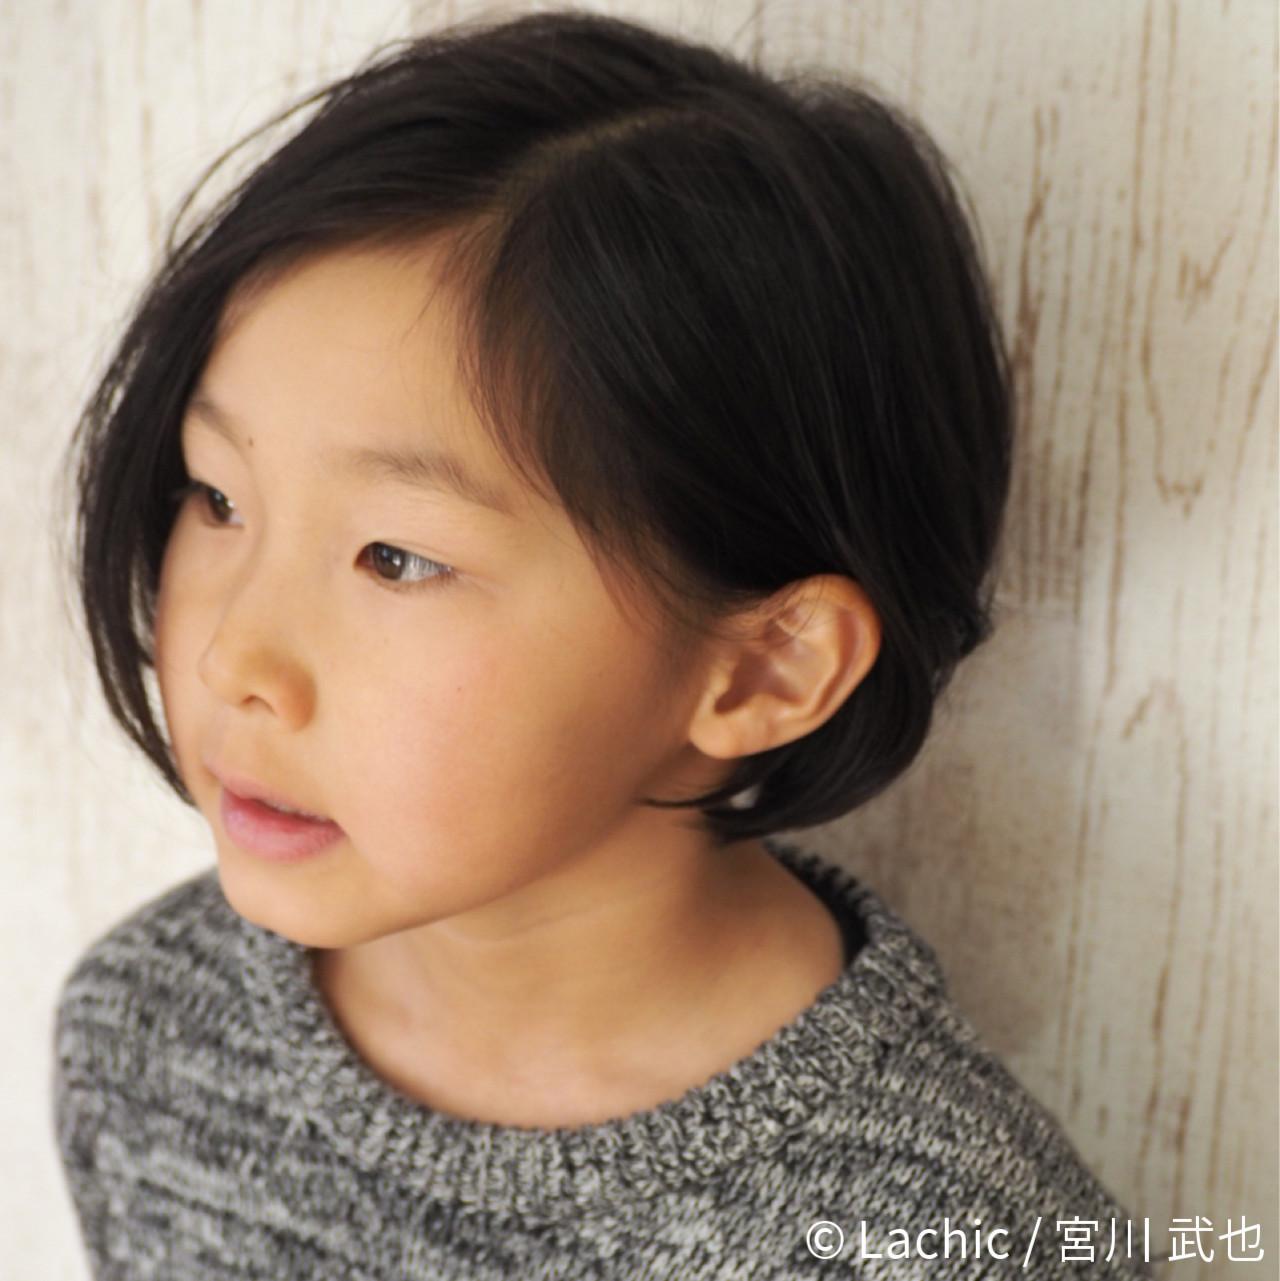 色気 ボブ ニュアンス 子供 ヘアスタイルや髪型の写真・画像